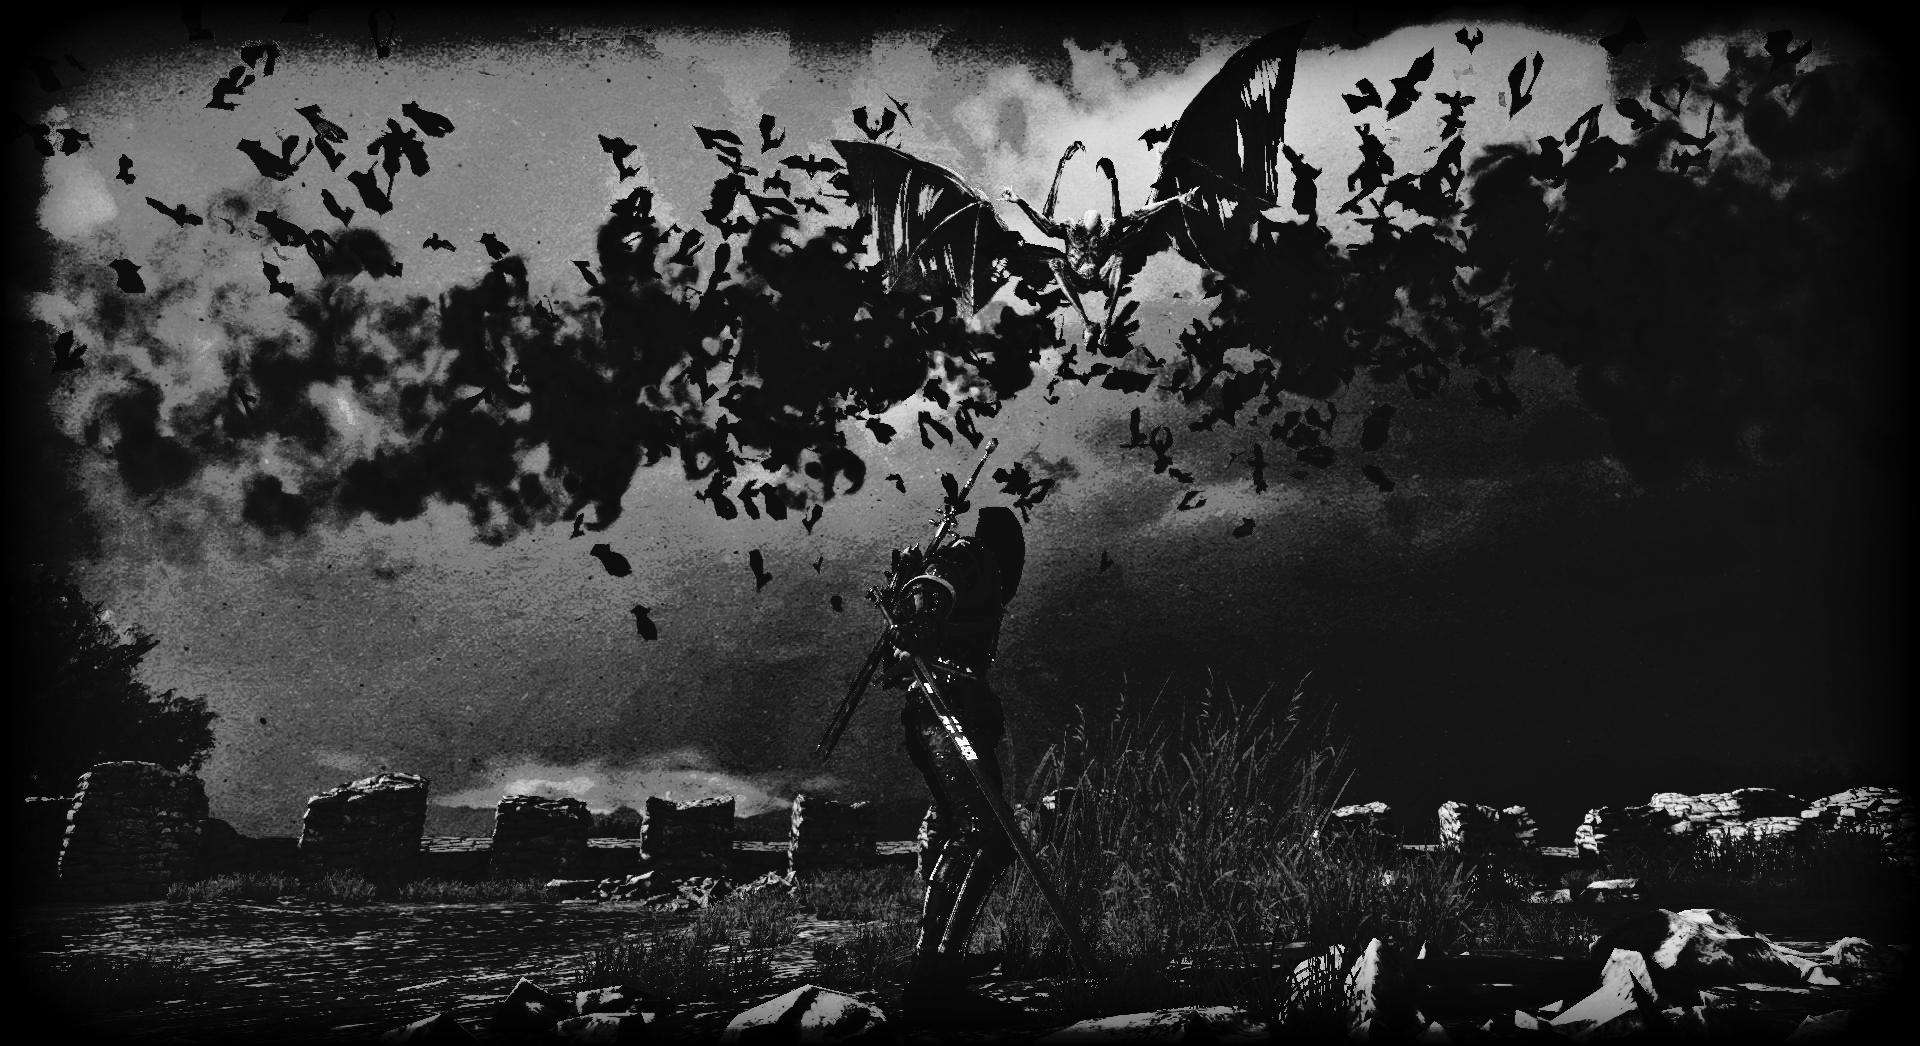 witcher3 2016-06-12 23-55-36-154.jpg - The Witcher 3: Wild Hunt